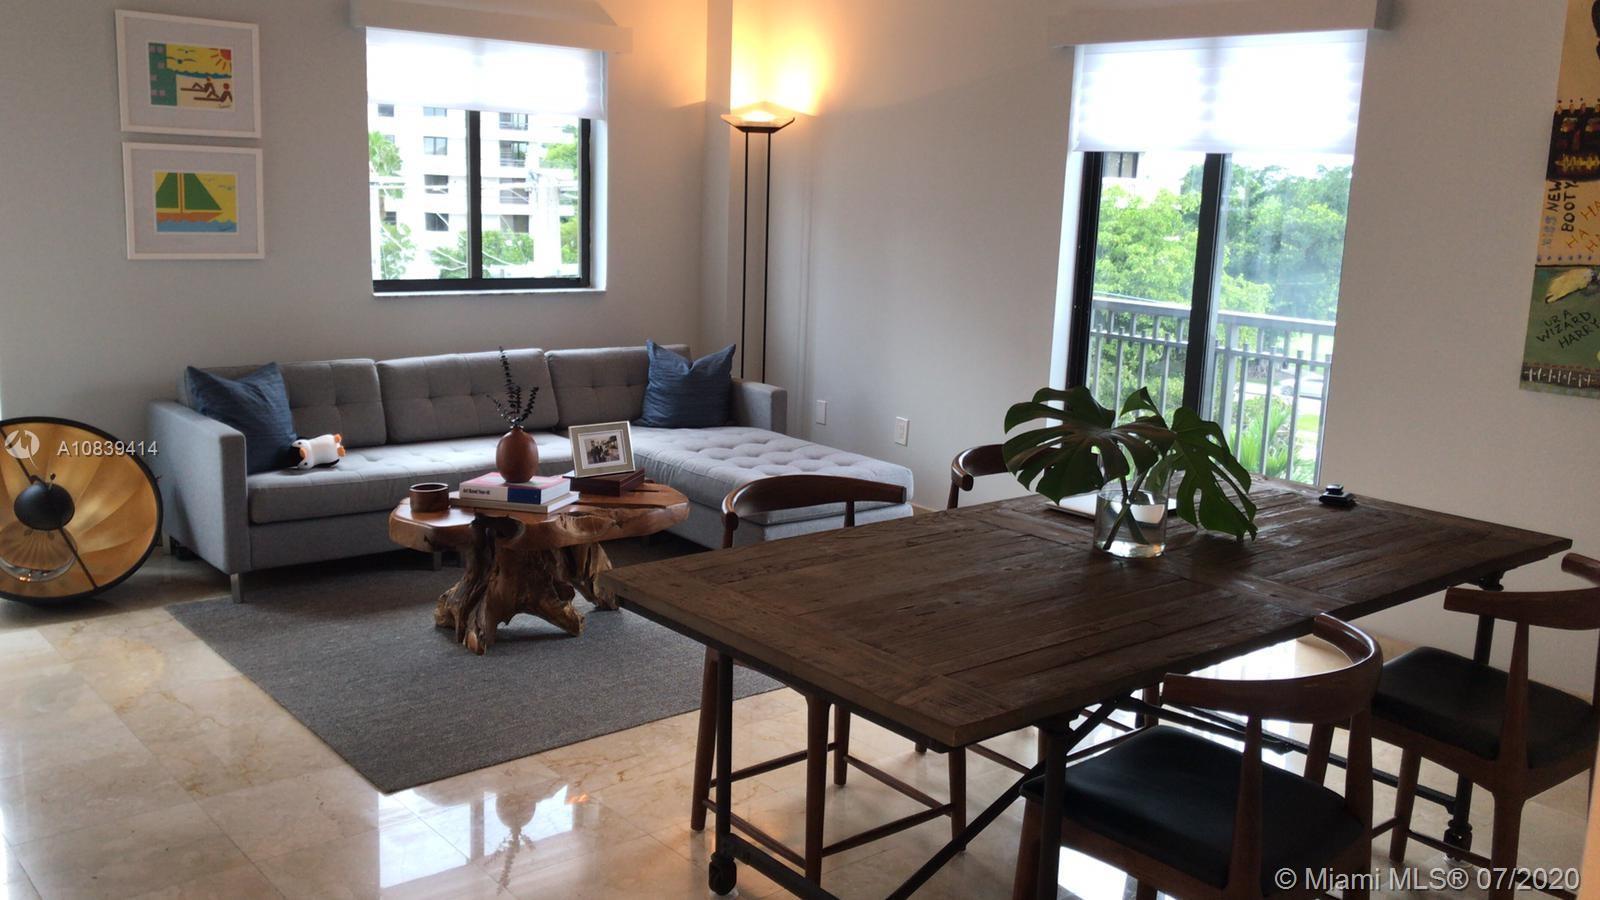 671 Biltmore Way # 403, Coral Gables, Florida 33134, 2 Bedrooms Bedrooms, ,2 BathroomsBathrooms,Residential,For Sale,671 Biltmore Way # 403,A10839414